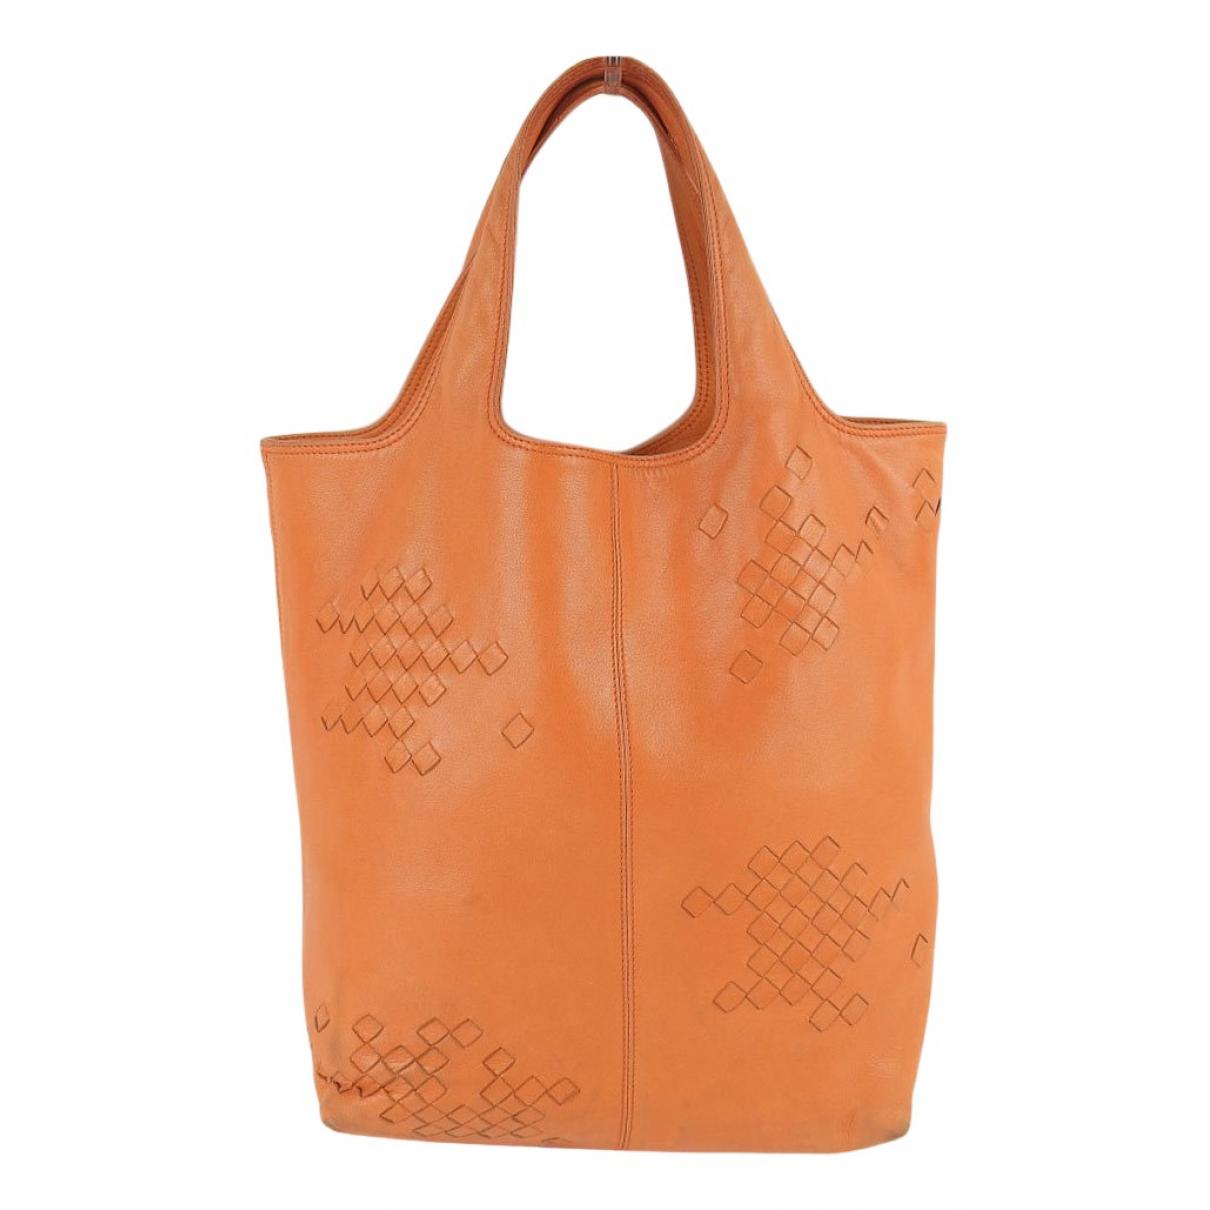 Bottega Veneta - Sac a main   pour femme en cuir - orange